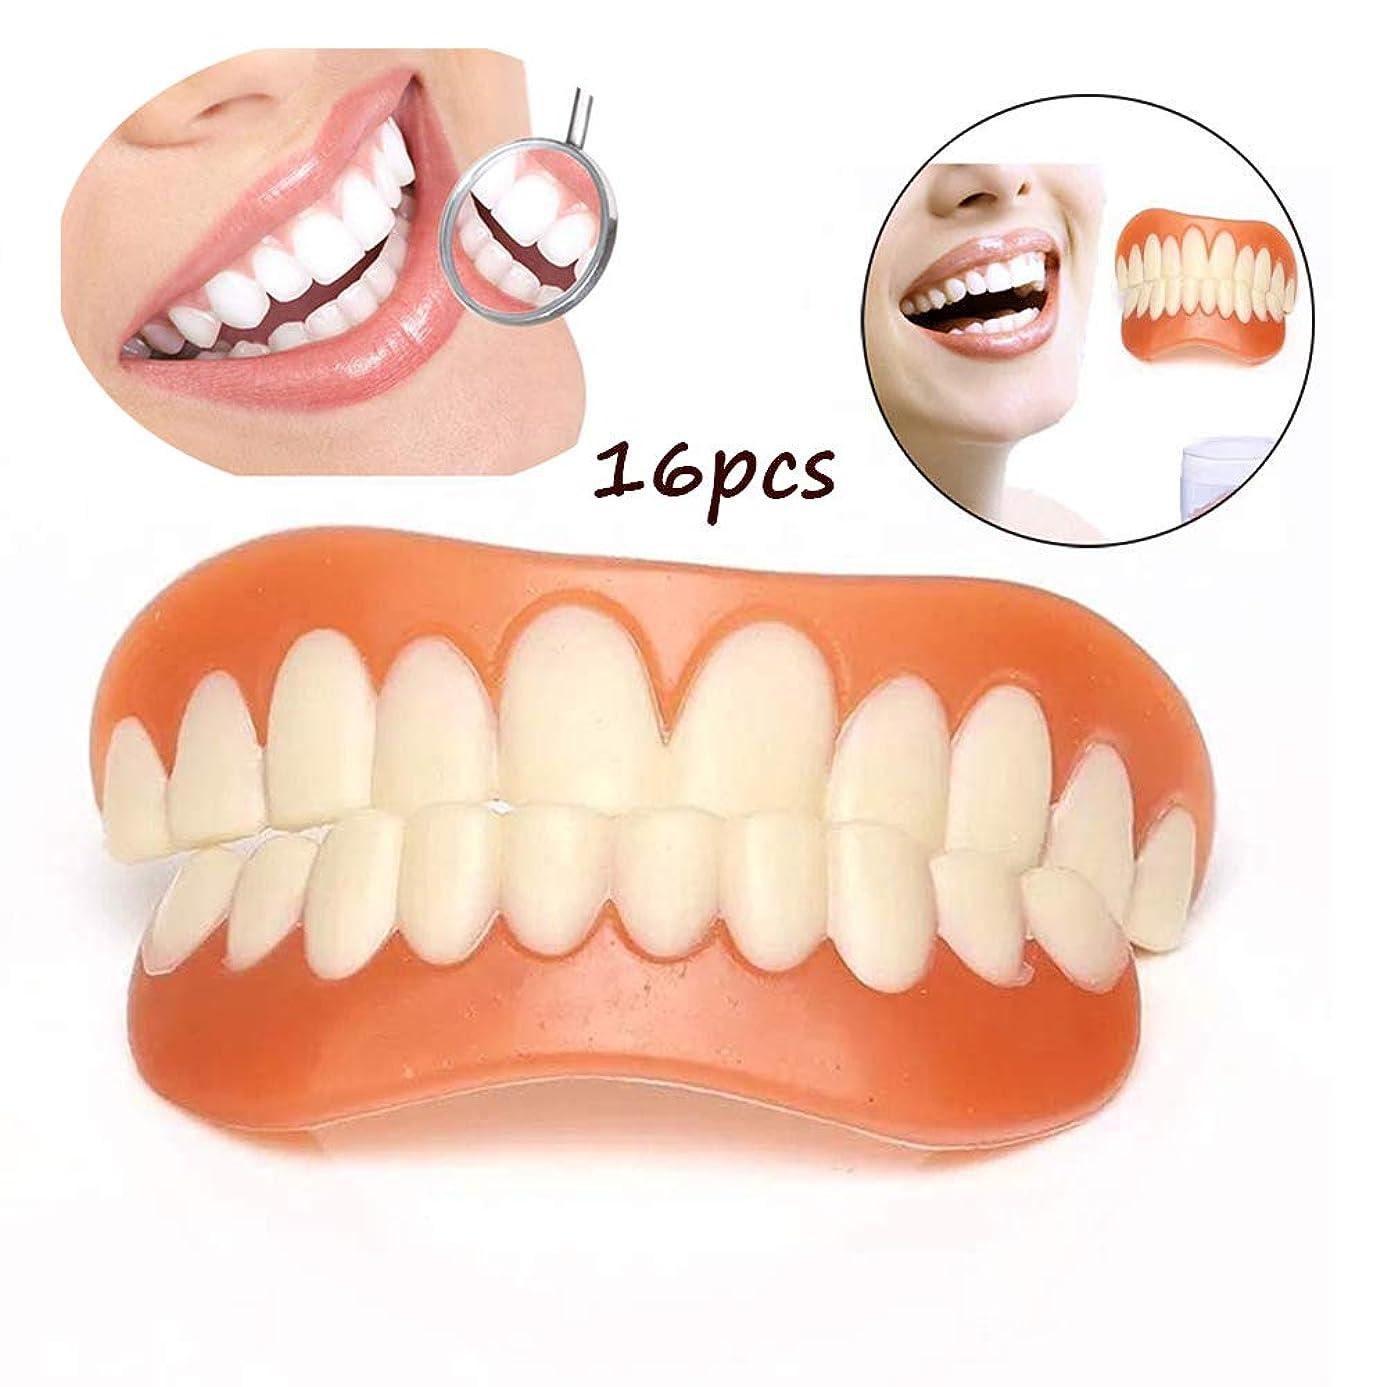 状速度誓い16ピースホワイトニングスナップ歯ベニヤ笑顔化粧品歯スナップ安全上部下部フレックス歯科ベニア